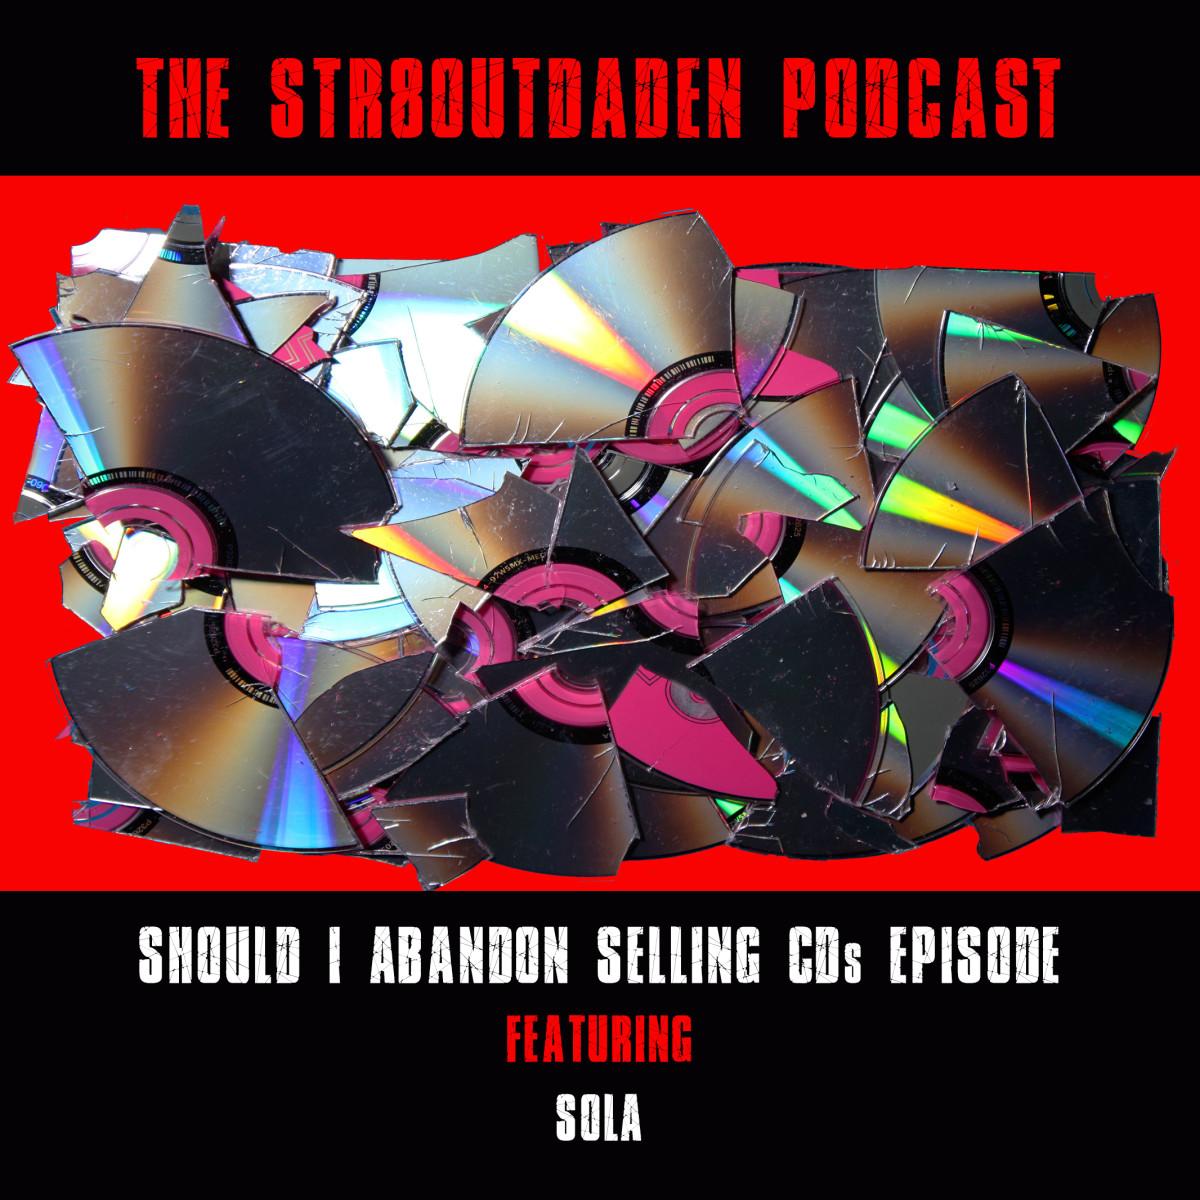 should i abandon selling cds